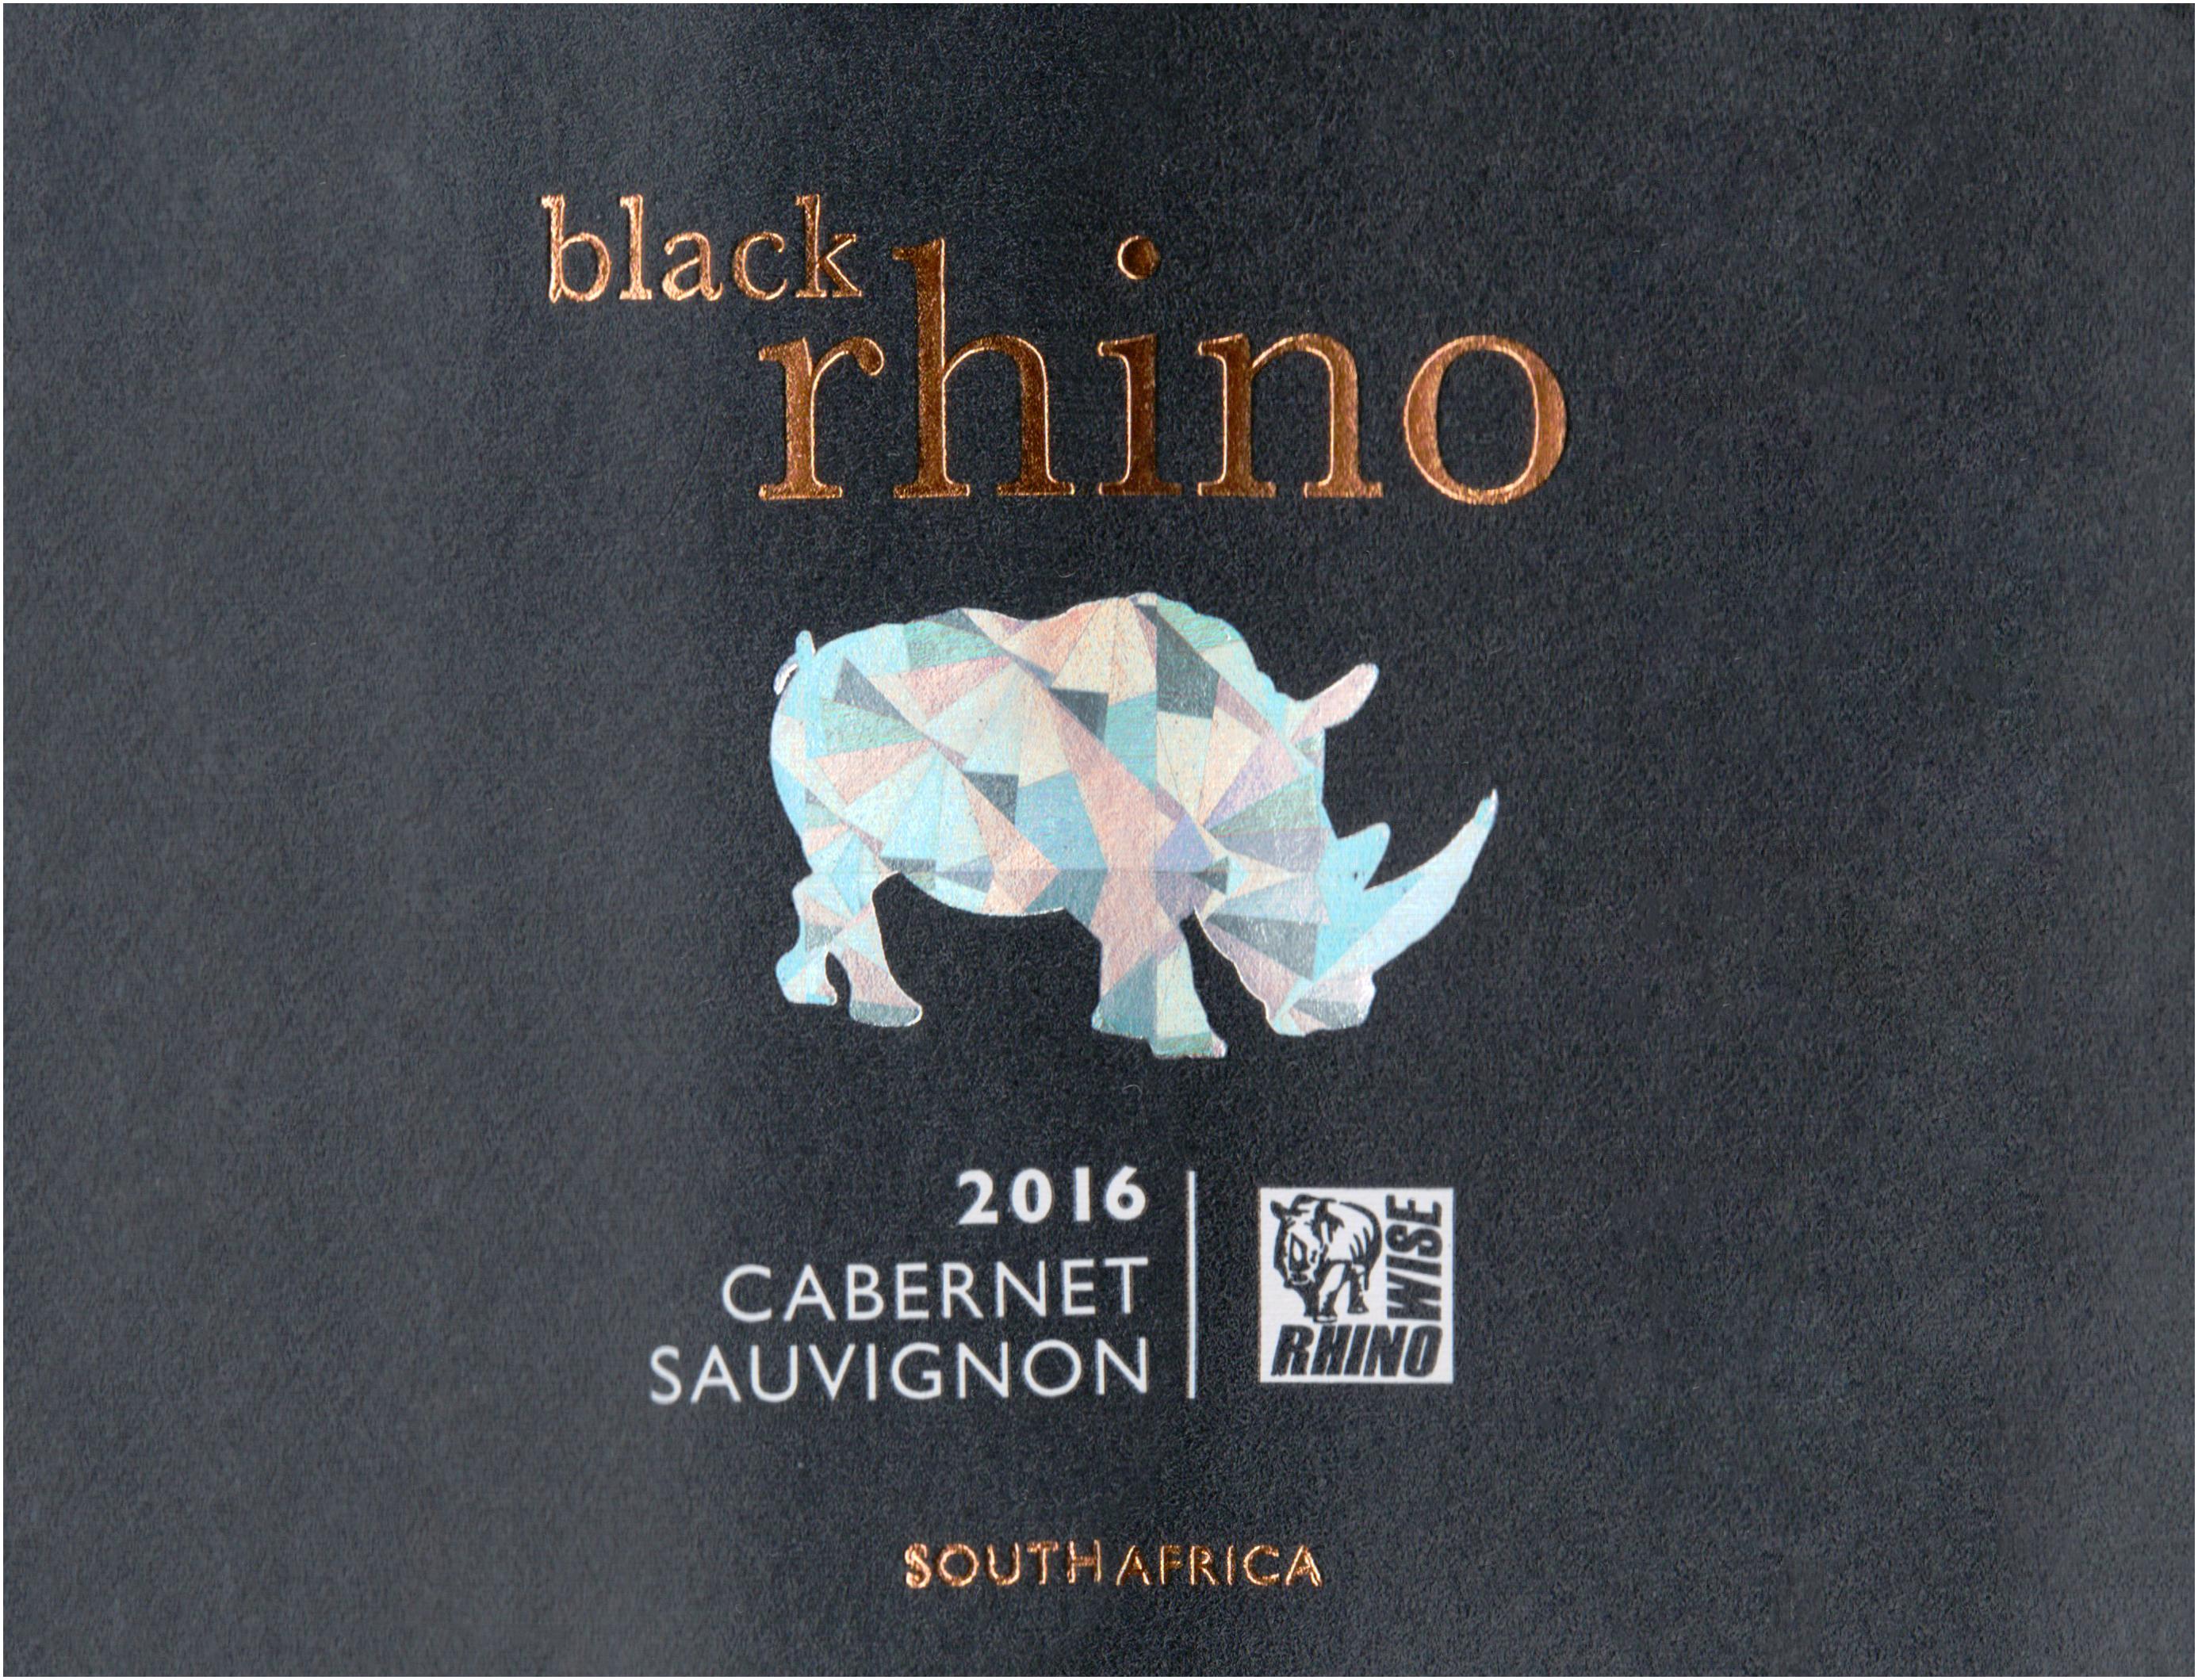 Black Rhino Cabernet Sauvignon 2016